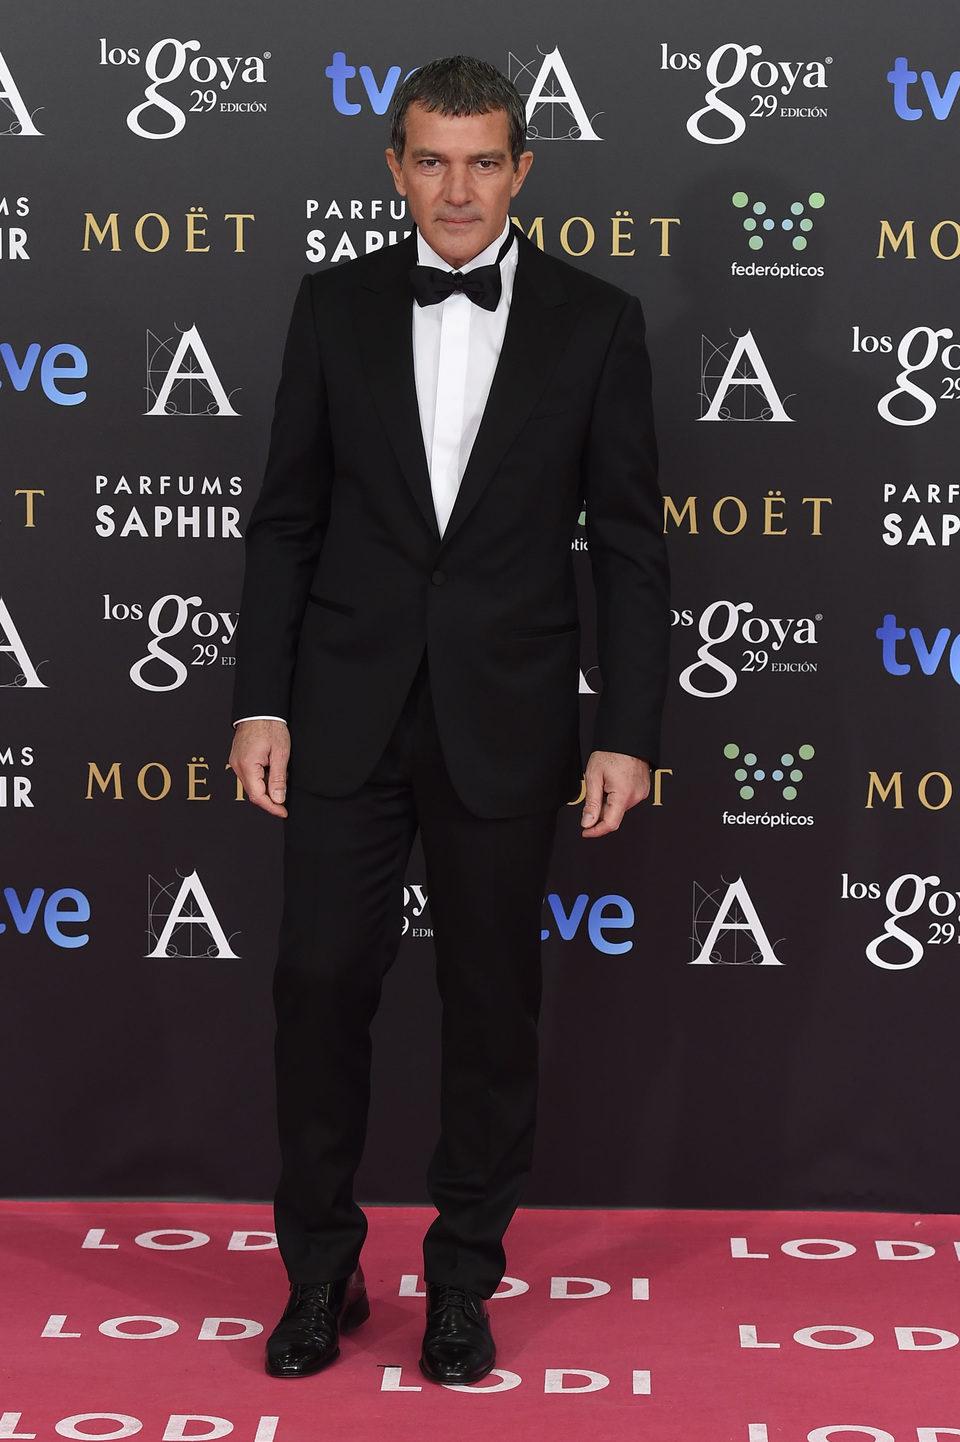 Antonio Banderas en los premios Goya 2015